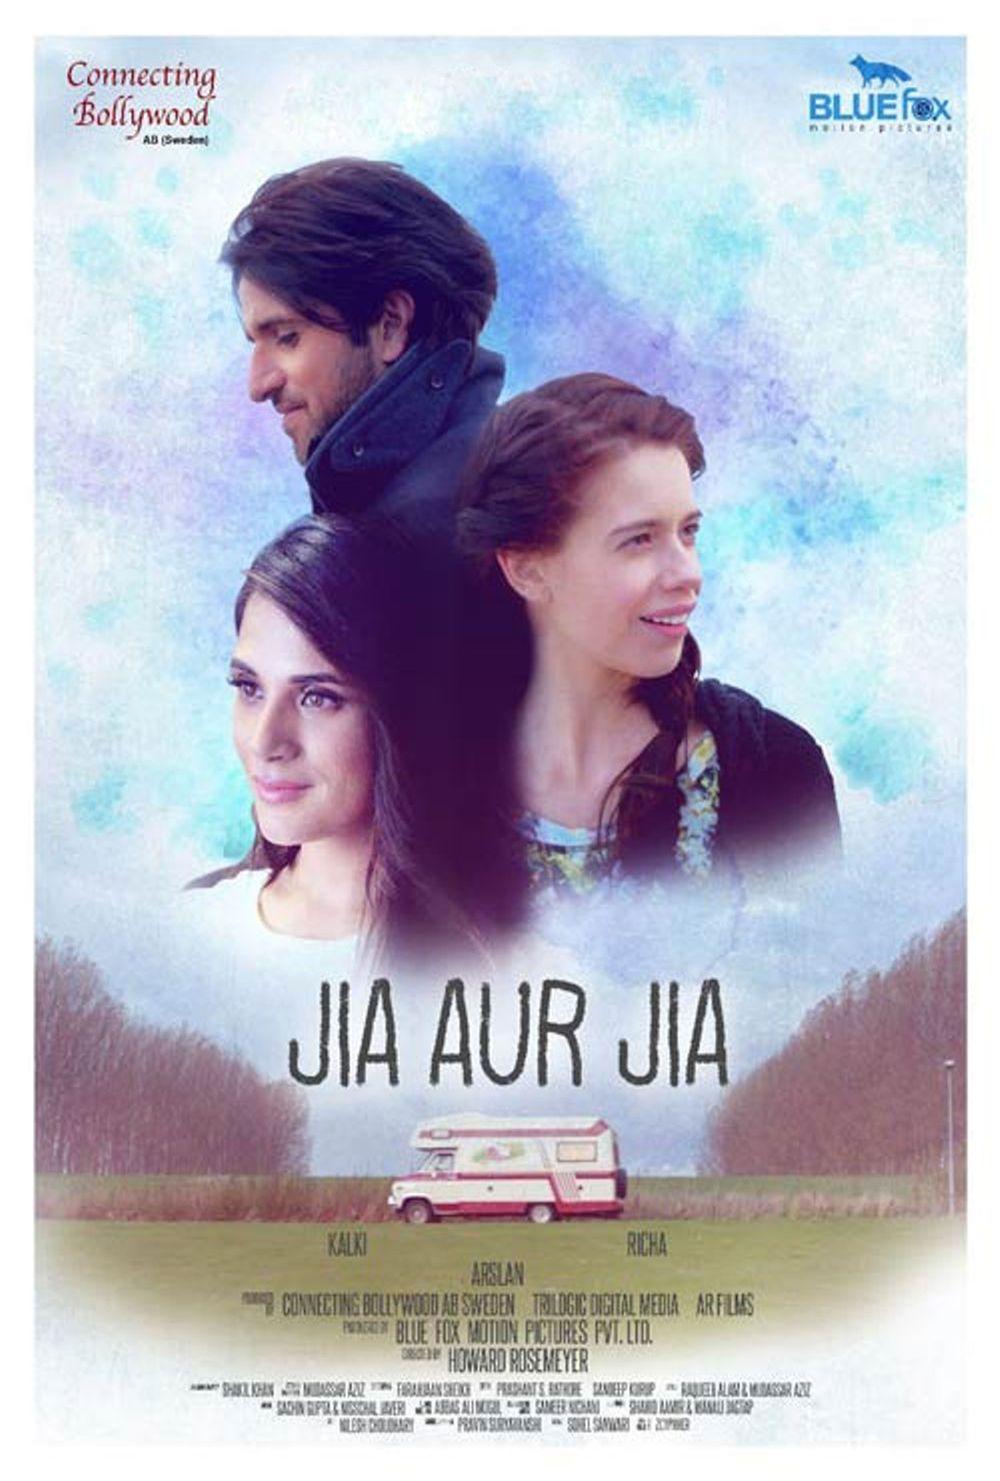 Jia Aur Jia Movie Review